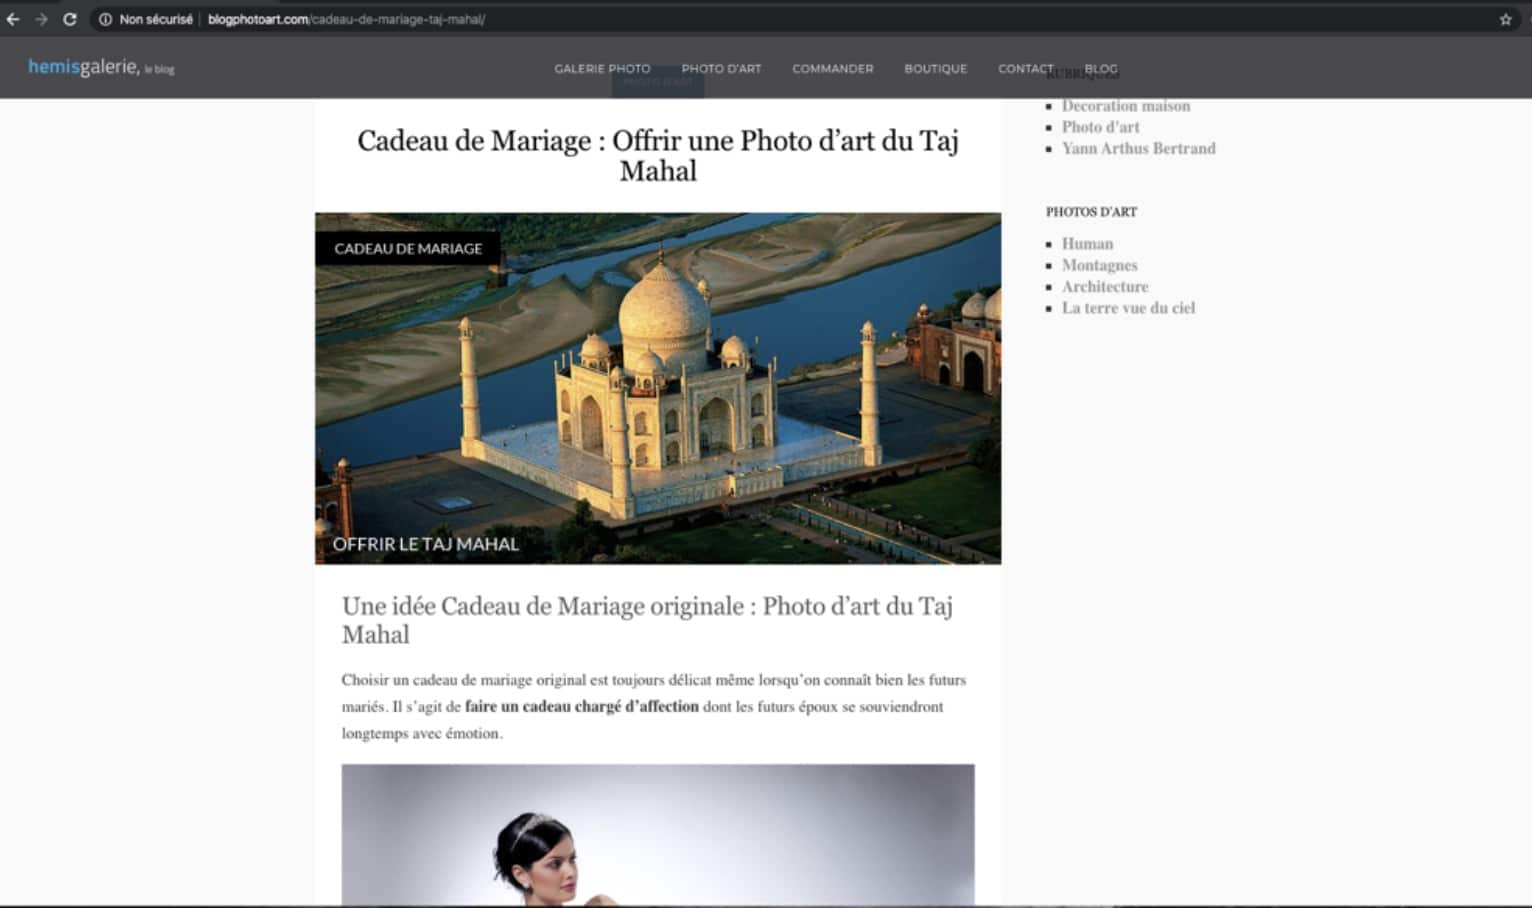 Article pour blog de Yann Arthus-Bertrand extrait sur photo comme cadeau de mariage